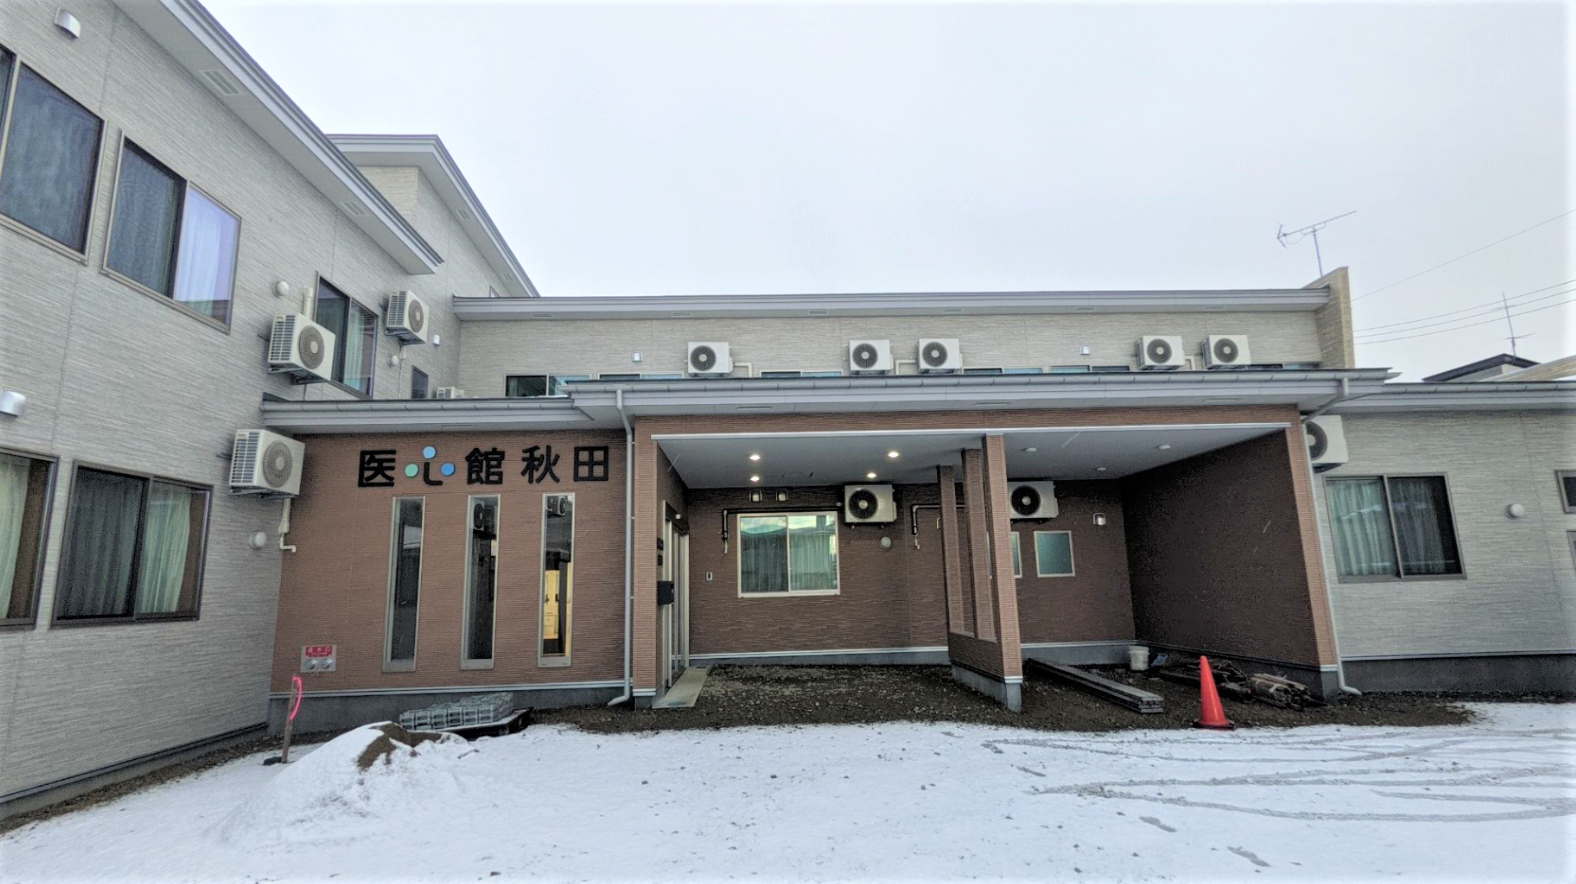 秋田県では初出店となる有料老人ホーム「医心館 秋田」をオープンしました